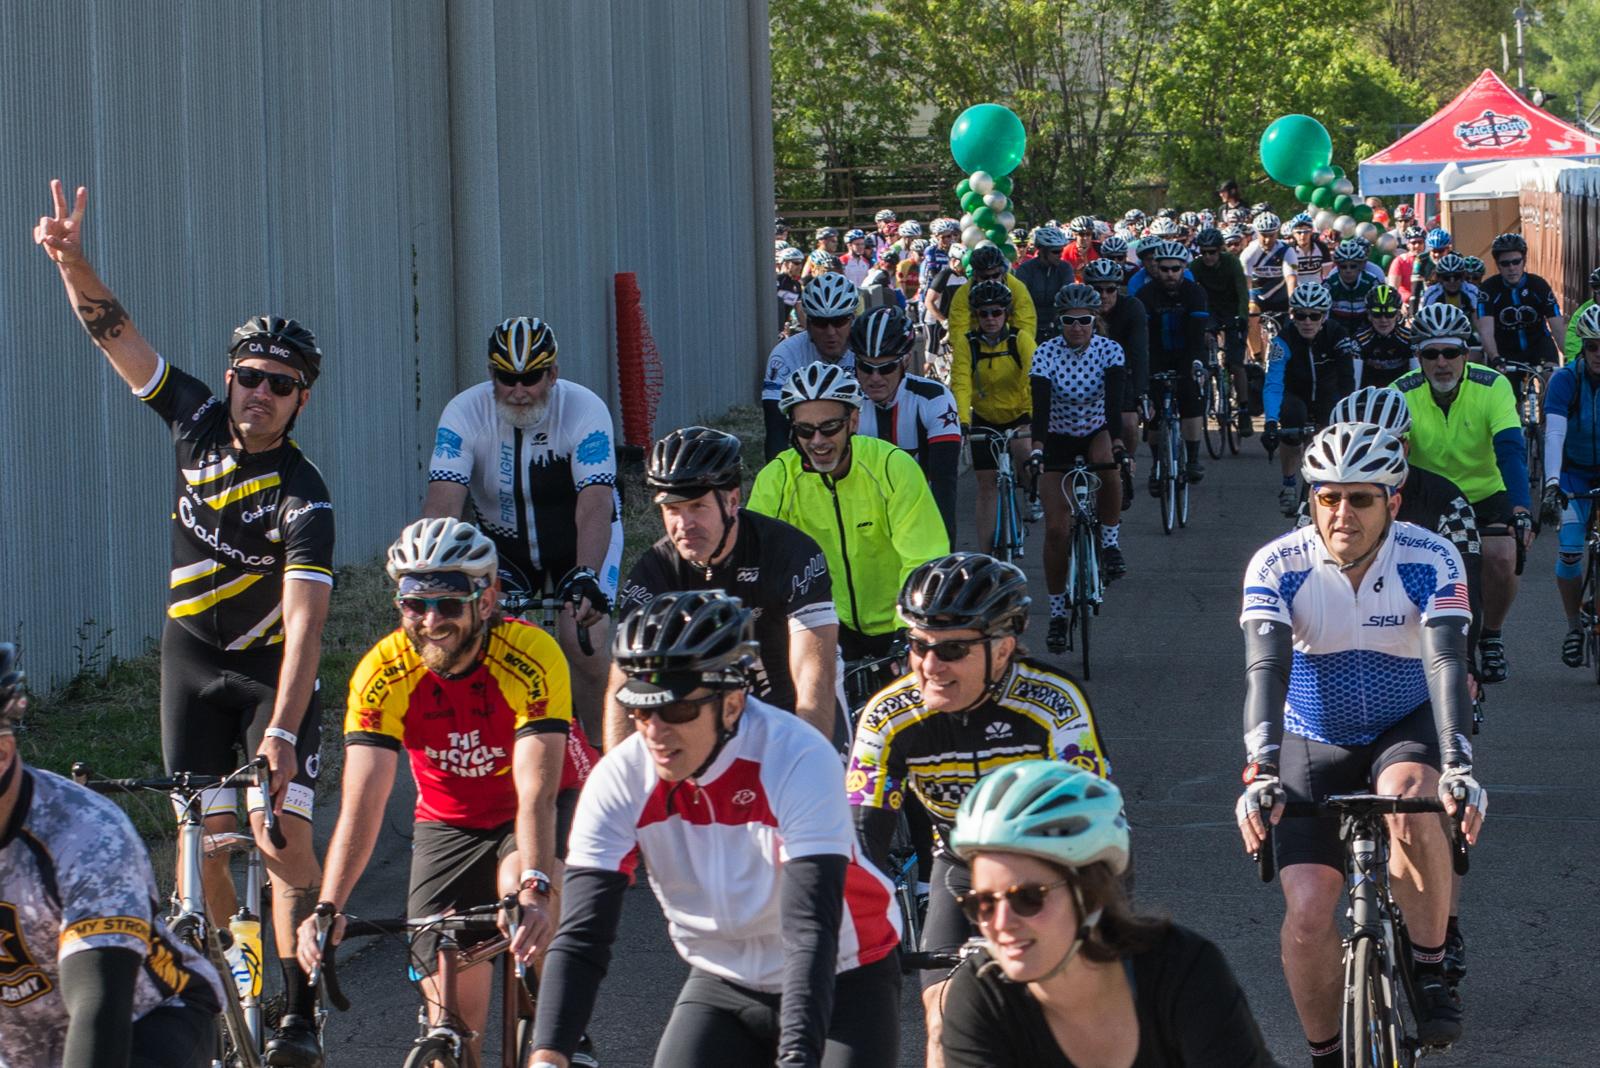 RidePage_Carousel_photos-6.jpg